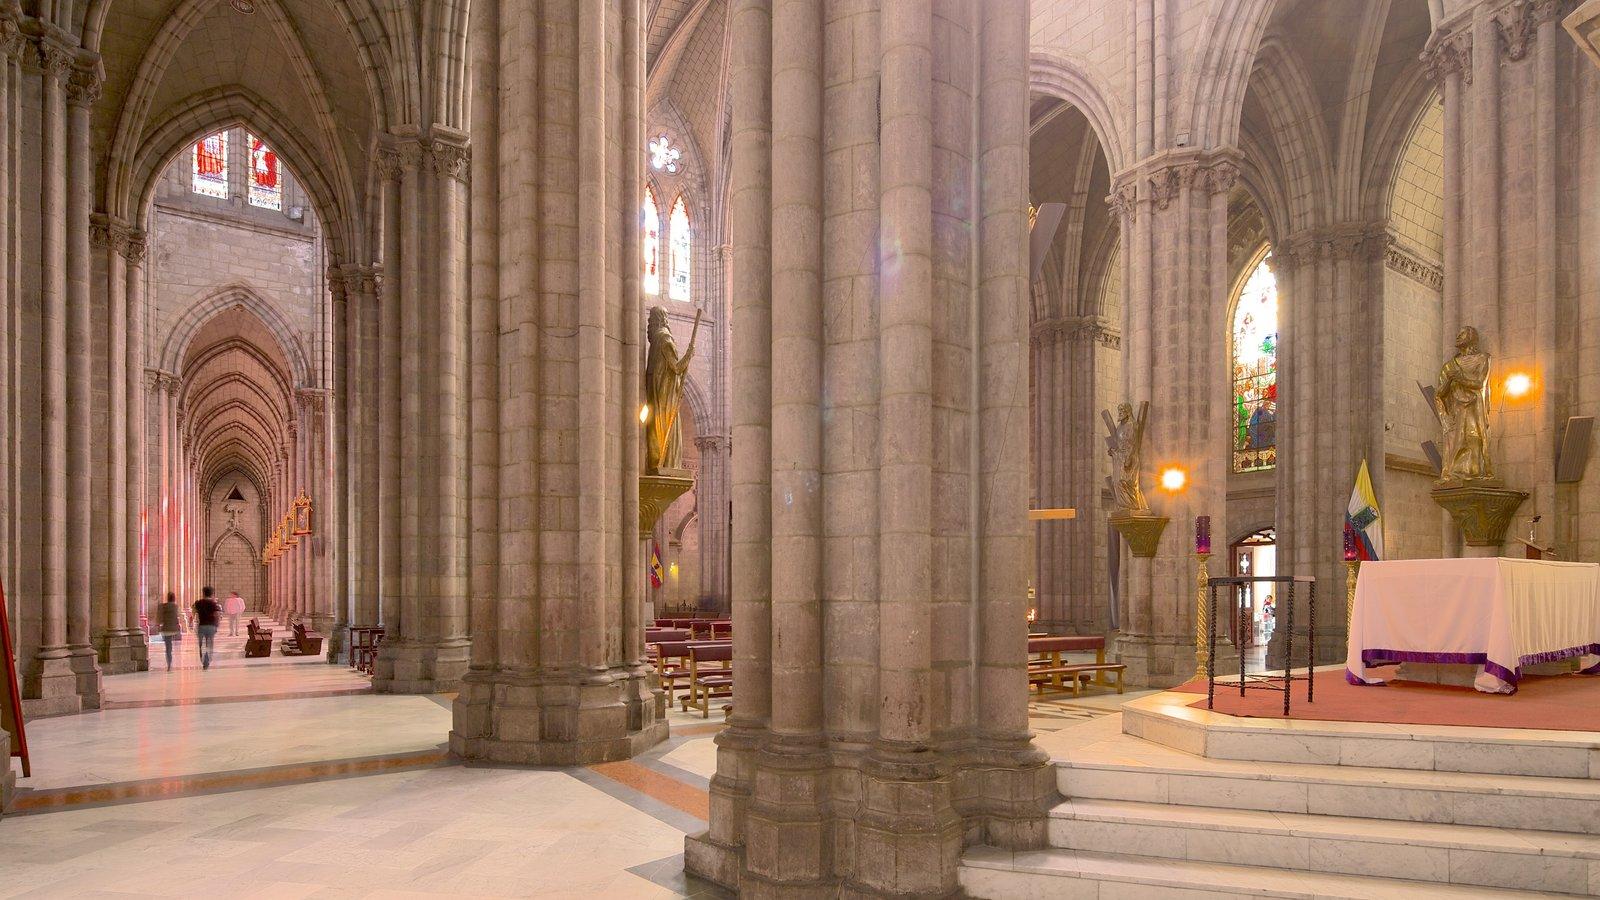 Basílica do Voto Nacional mostrando aspectos religiosos, uma igreja ou catedral e vistas internas